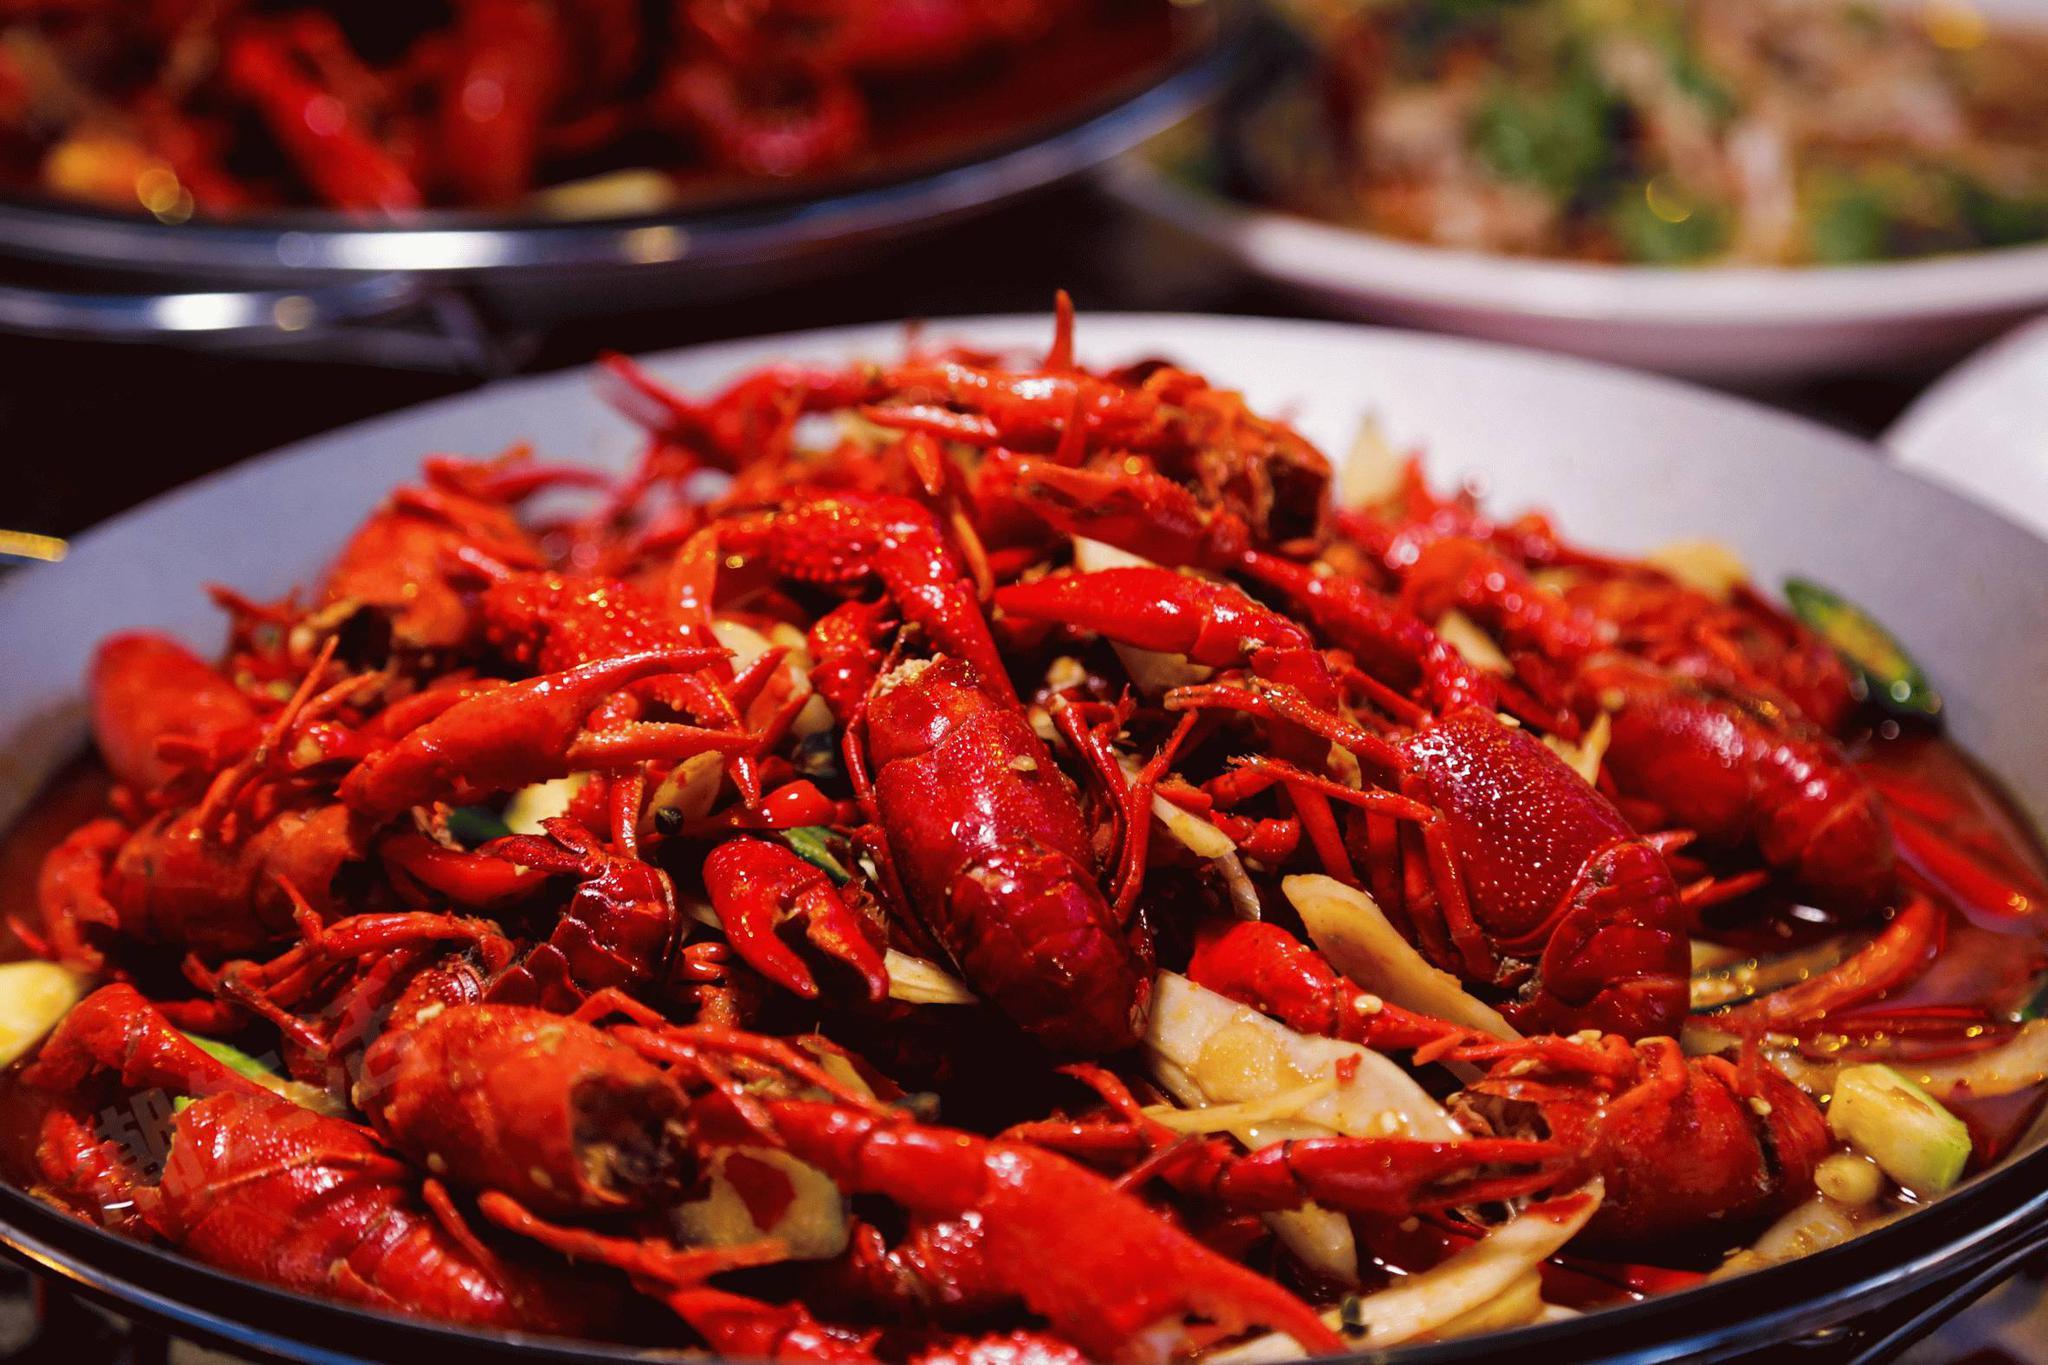 杭州1女子抱侥幸心理吃小龙虾 结果过敏性休克进急诊